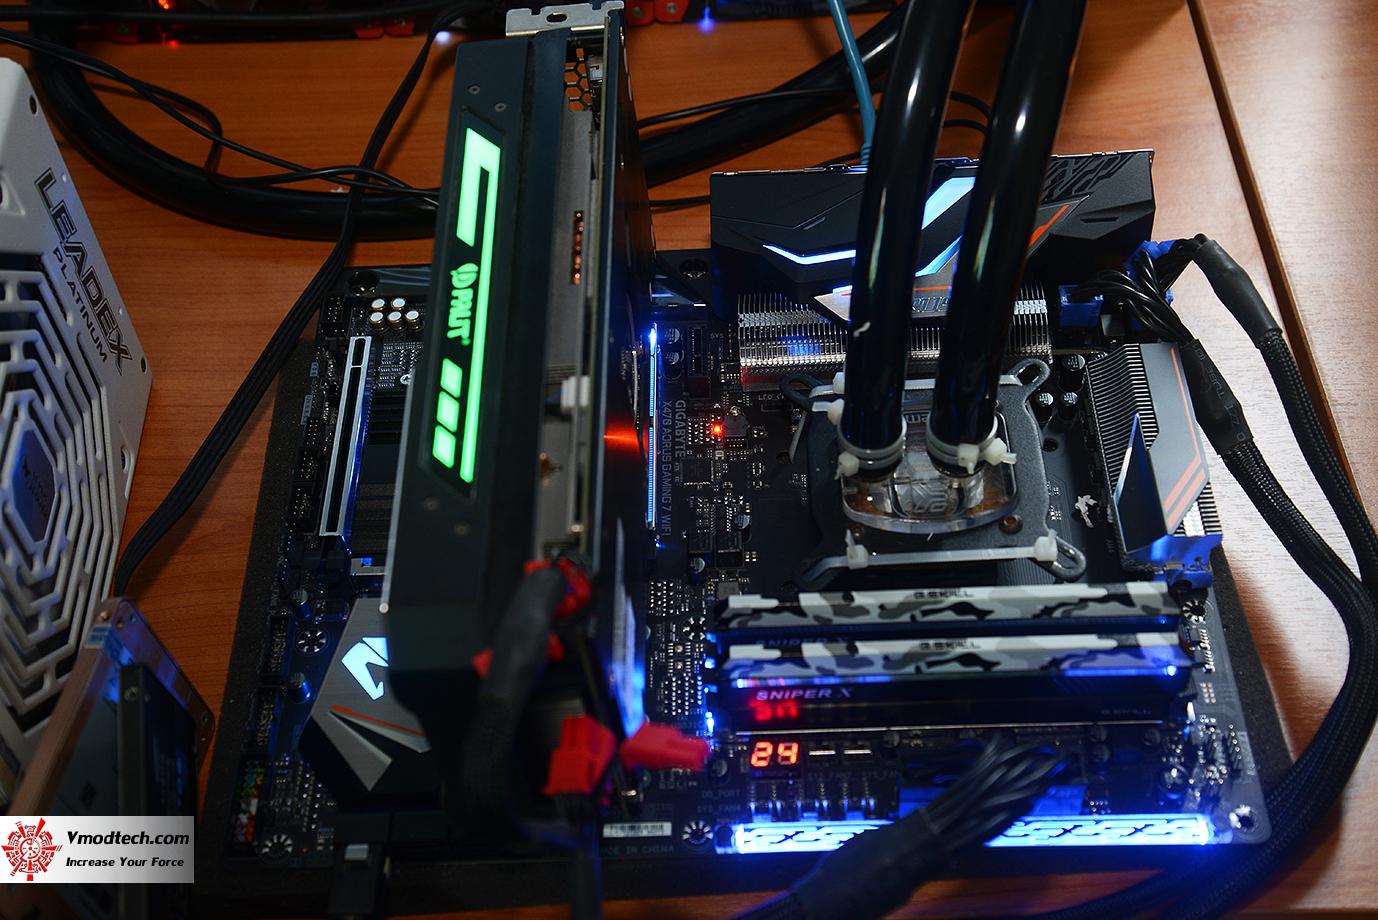 dsc 1602 AMD RYZEN 7 2700X PROCESSOR REVIEW